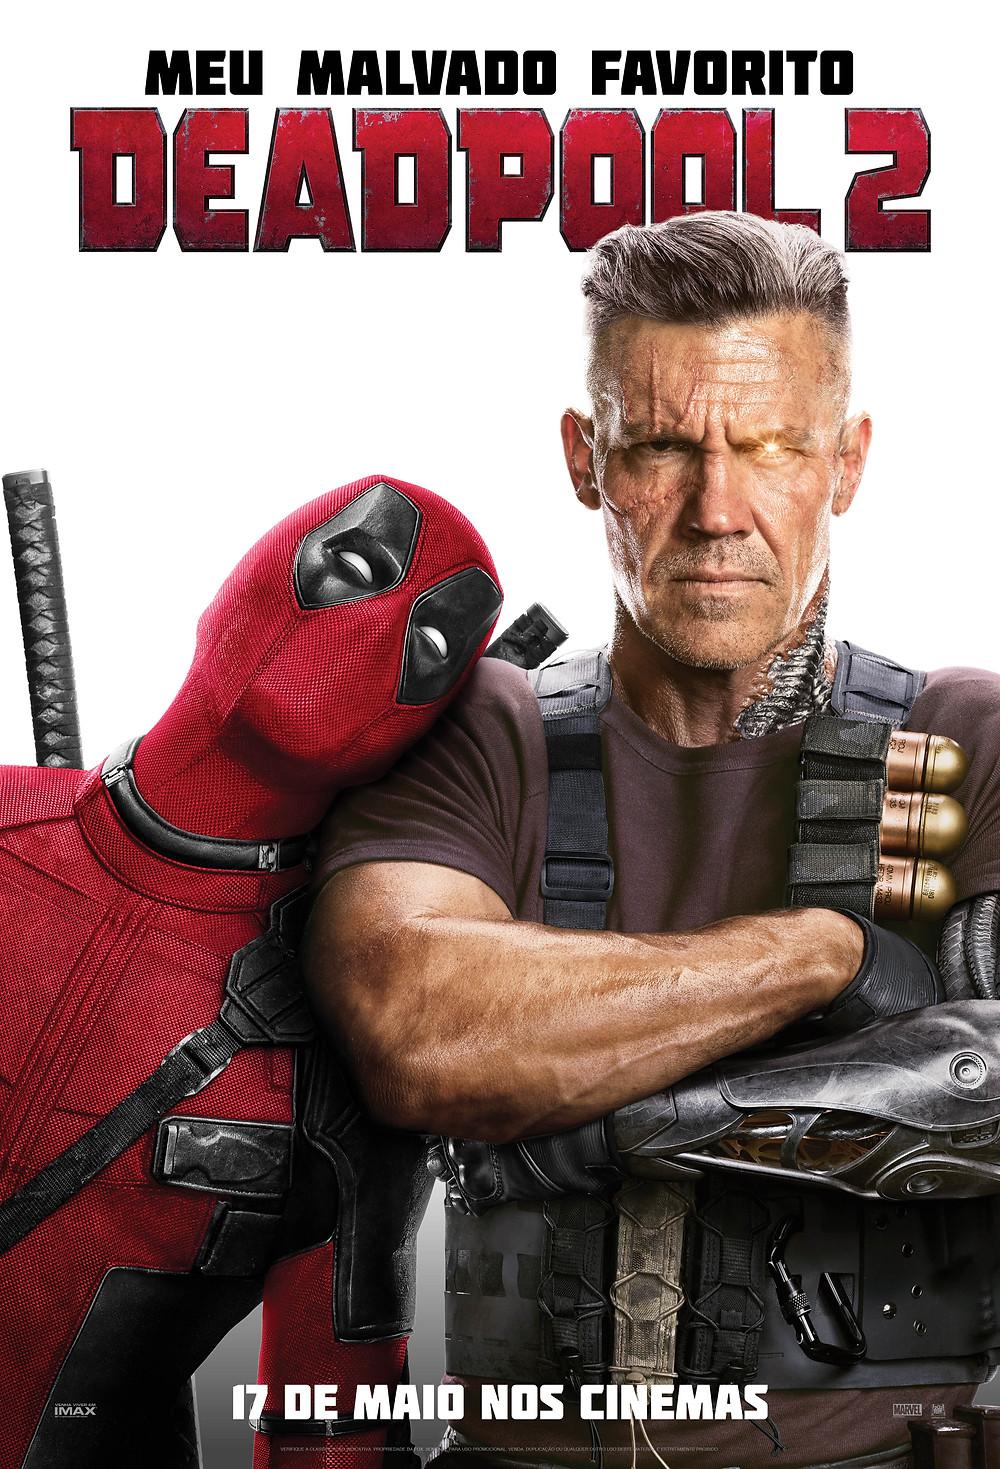 Pôster de lançamento do Deadpool 2 (2018) | Divulgação (Fox)